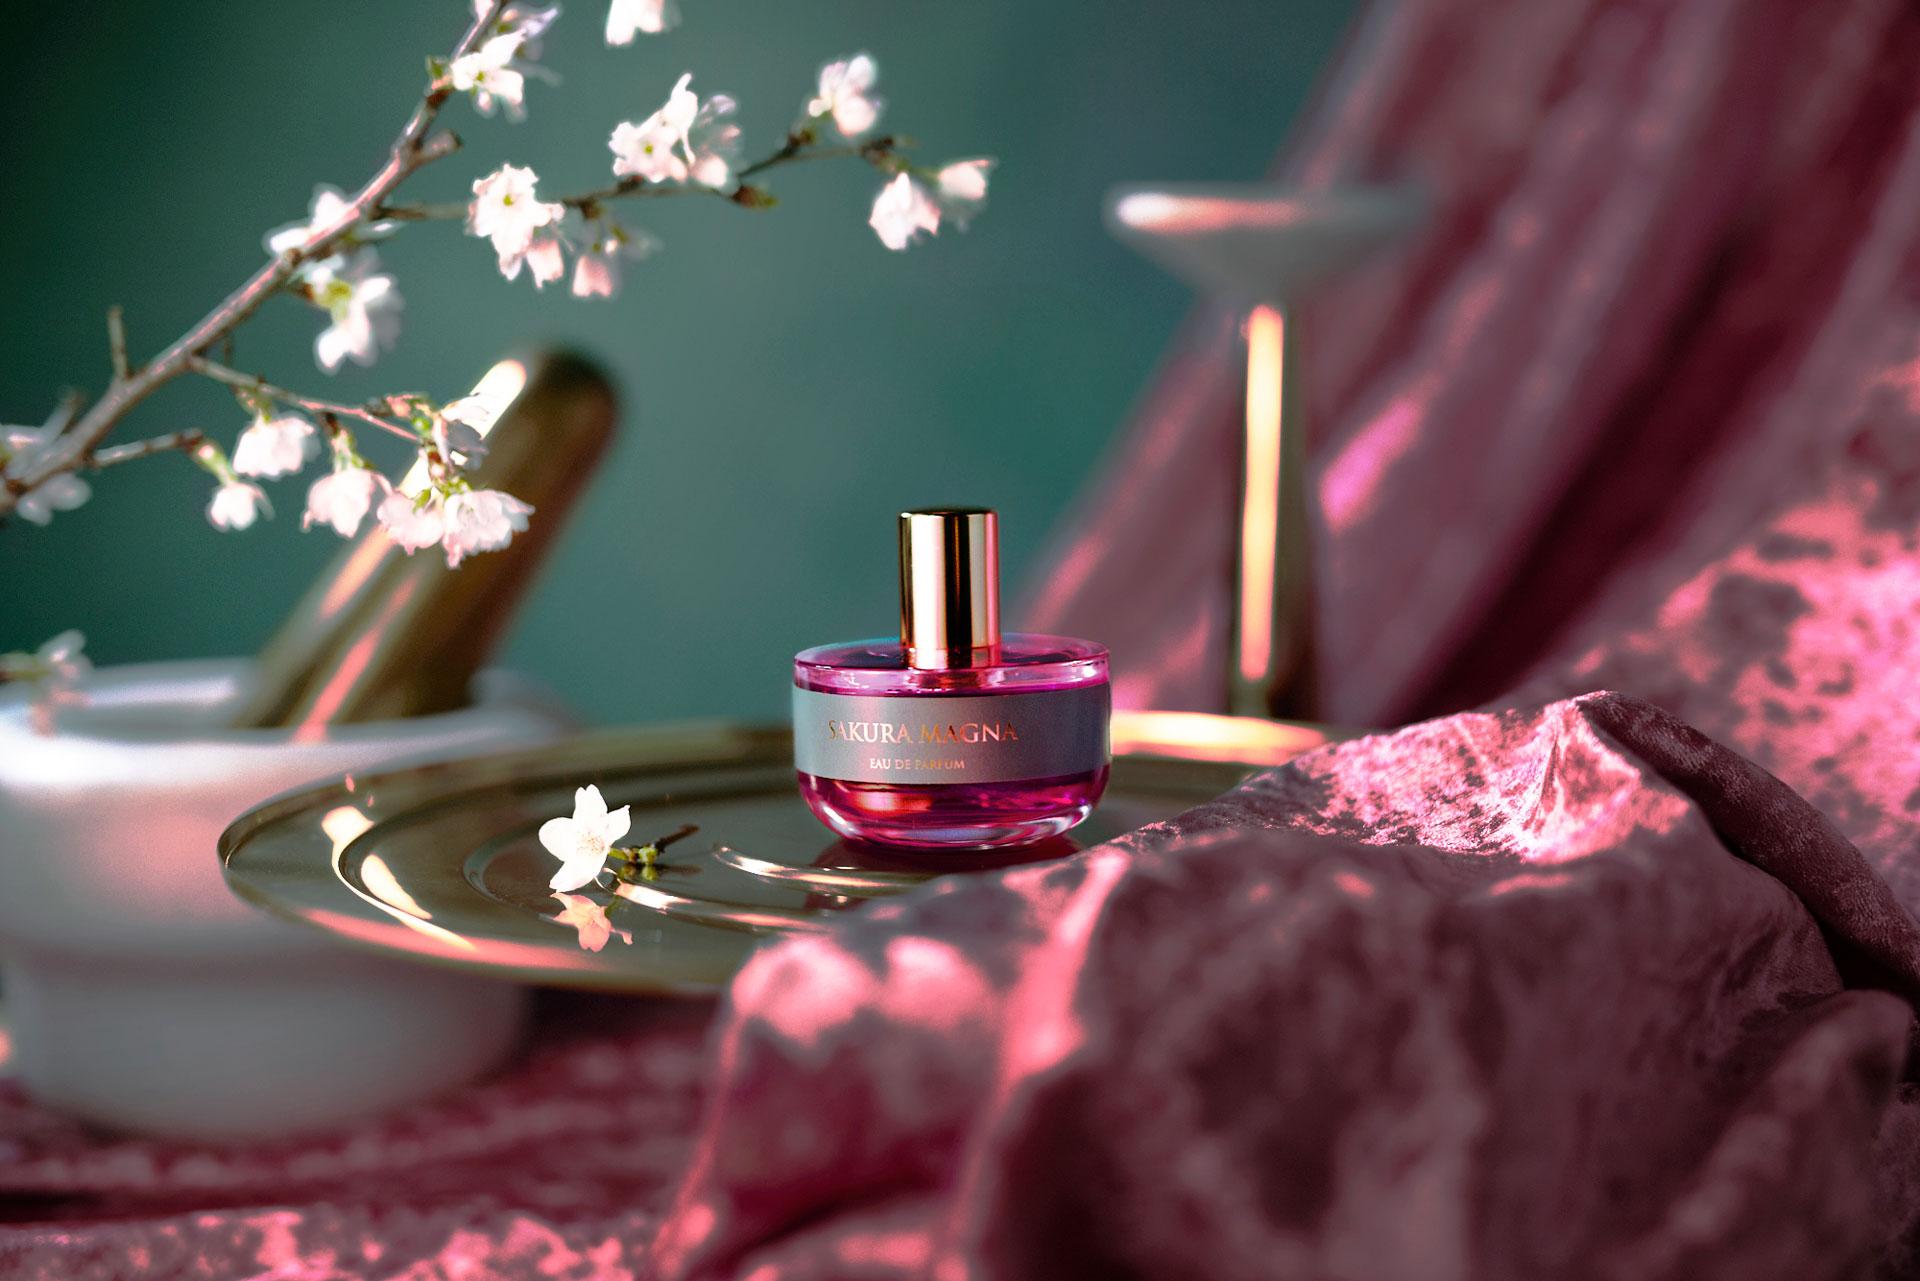 満開の桜香水サクラマグナ_ボトルイメージ